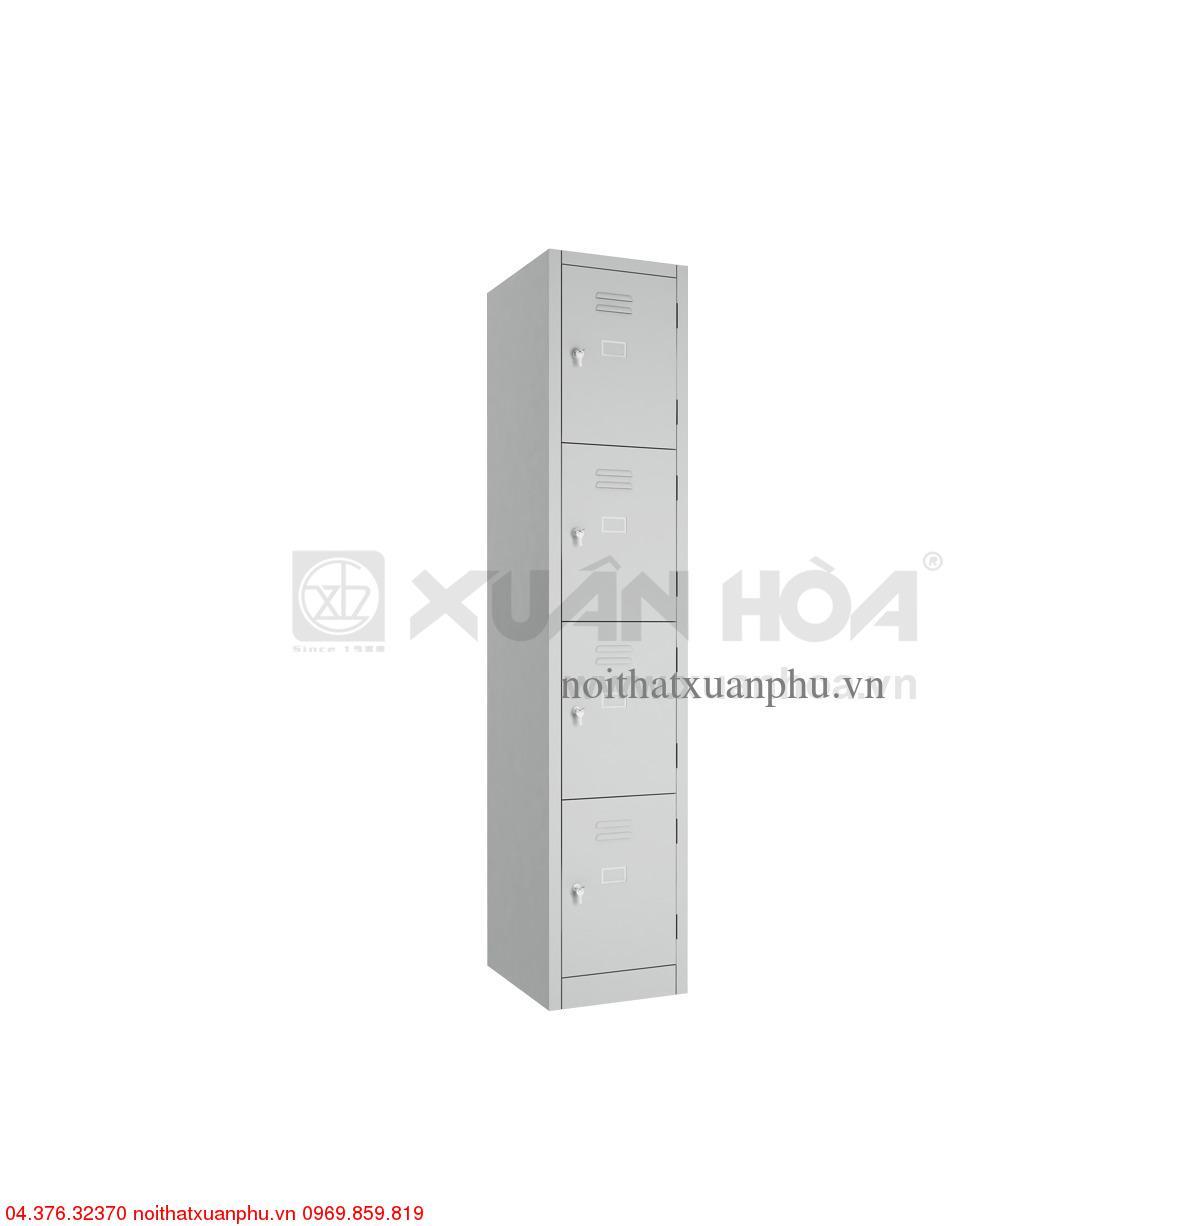 Hình ảnh sản phẩm Tủ loocker LK-4N-01